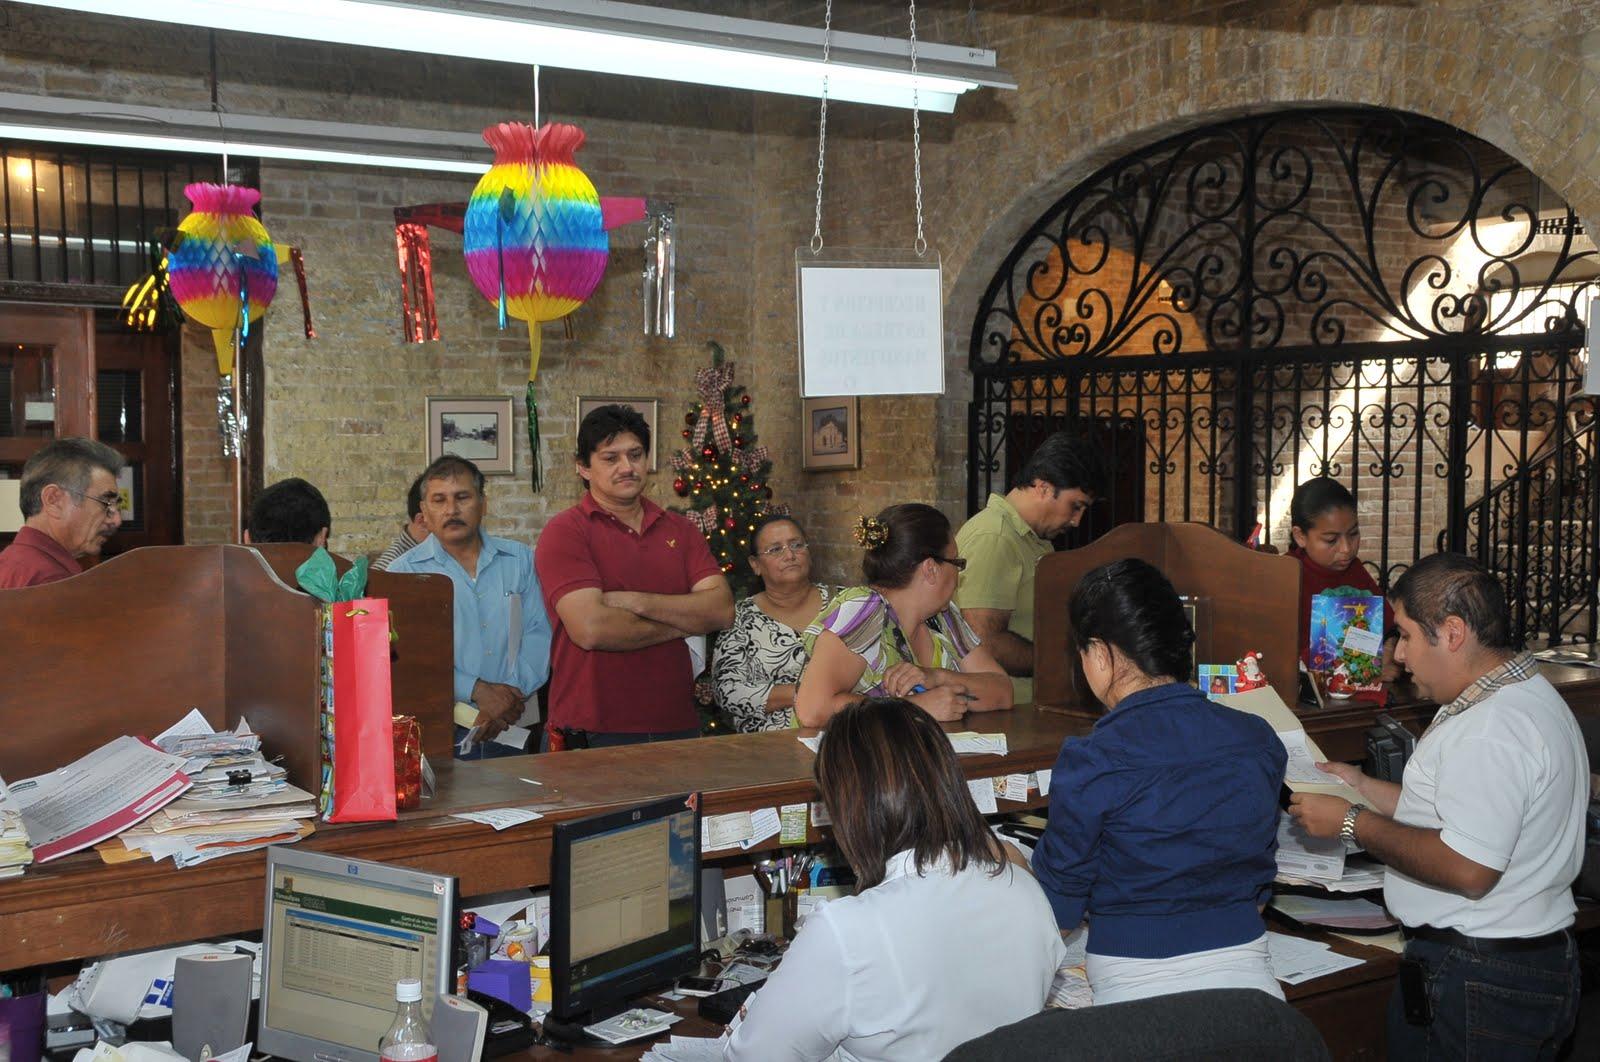 Impulsa ayuntamiento actualizaci n del manifiesto for Oficina de catastro